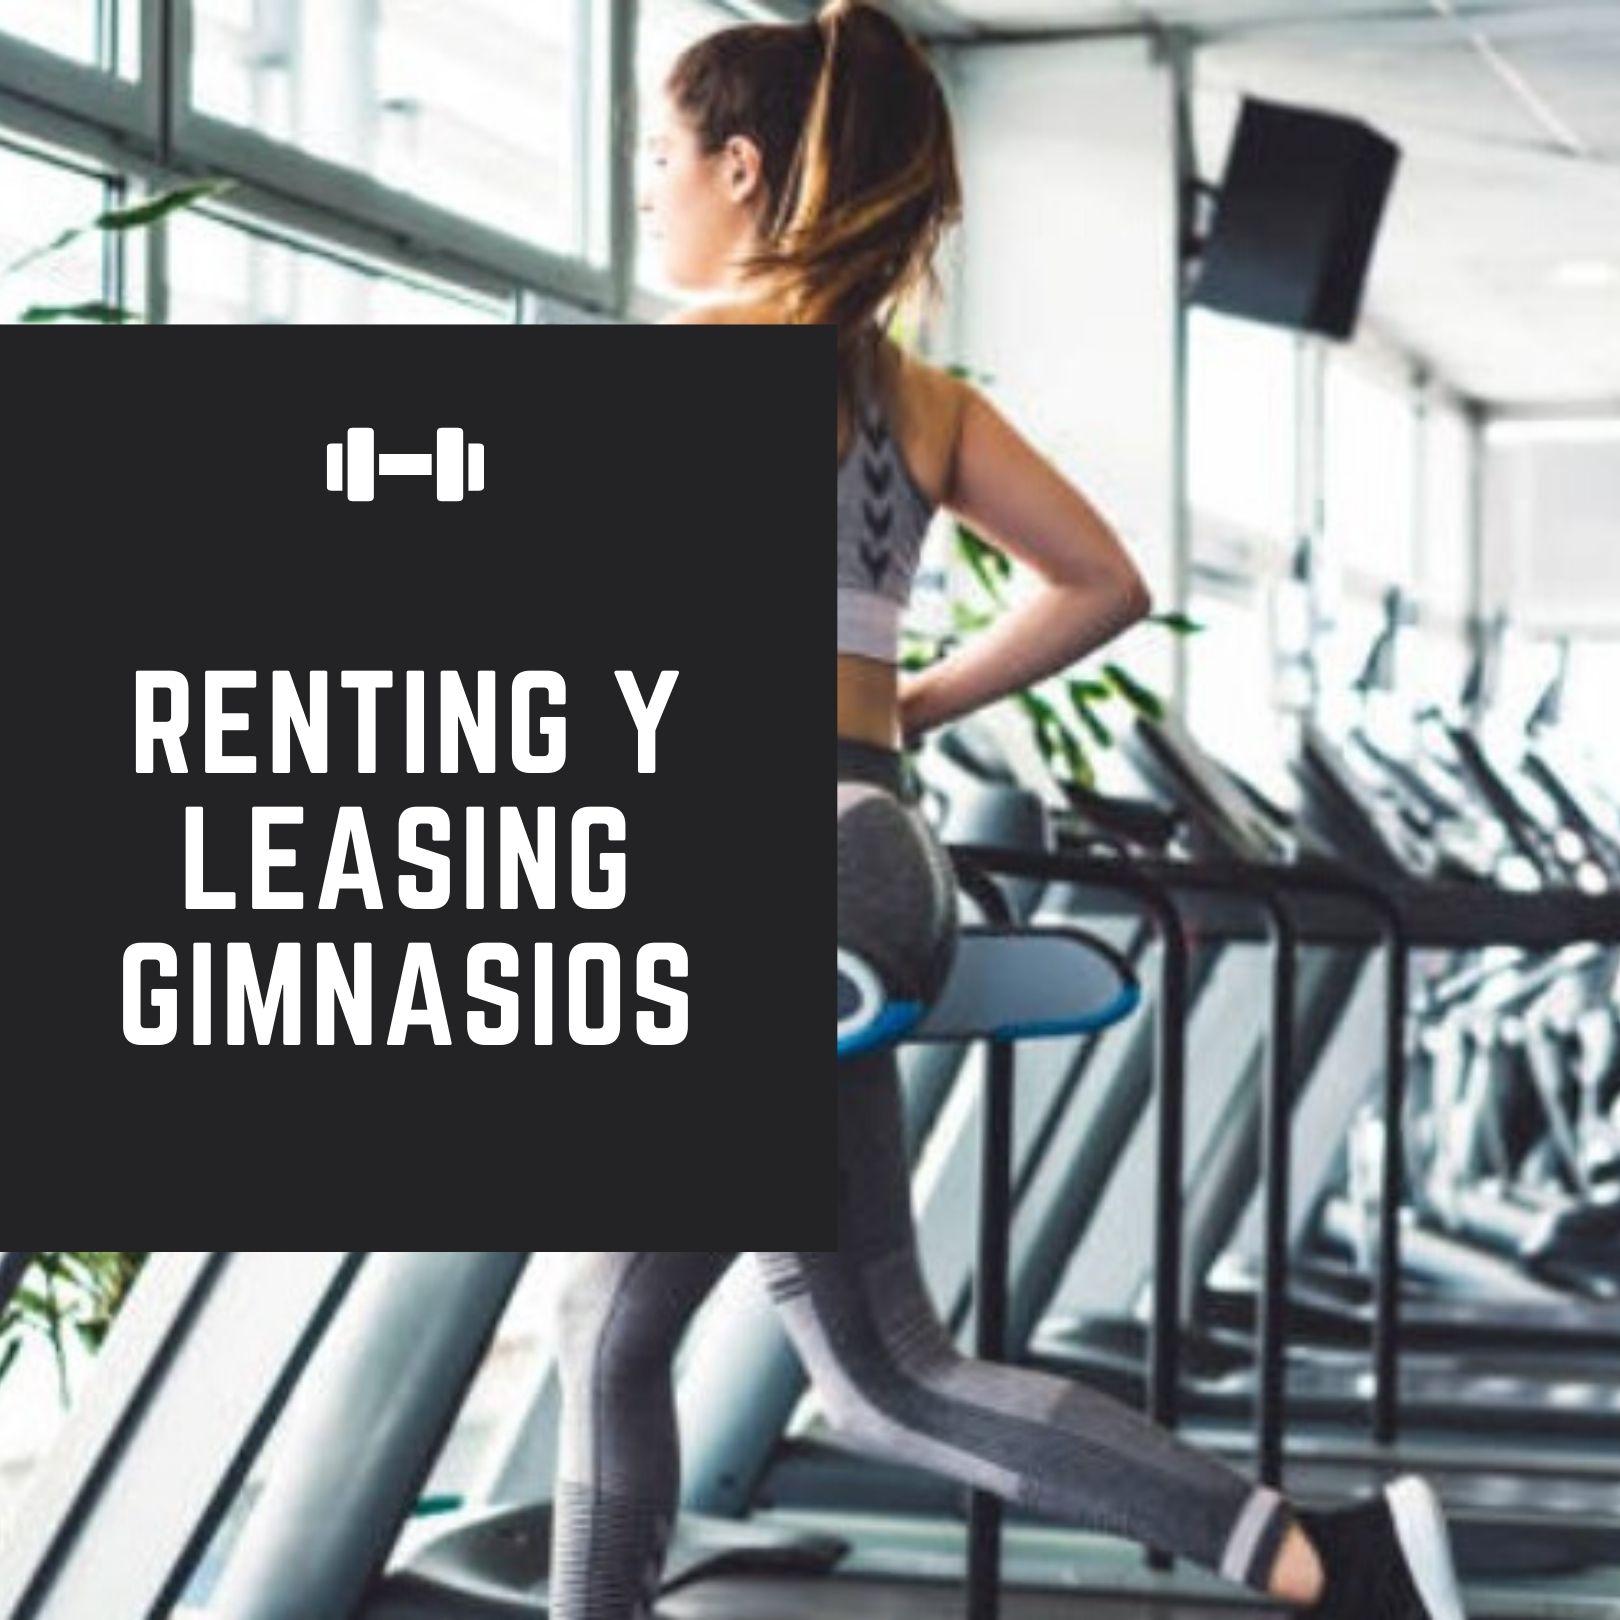 Renting y leasing maquinas de gimnasio